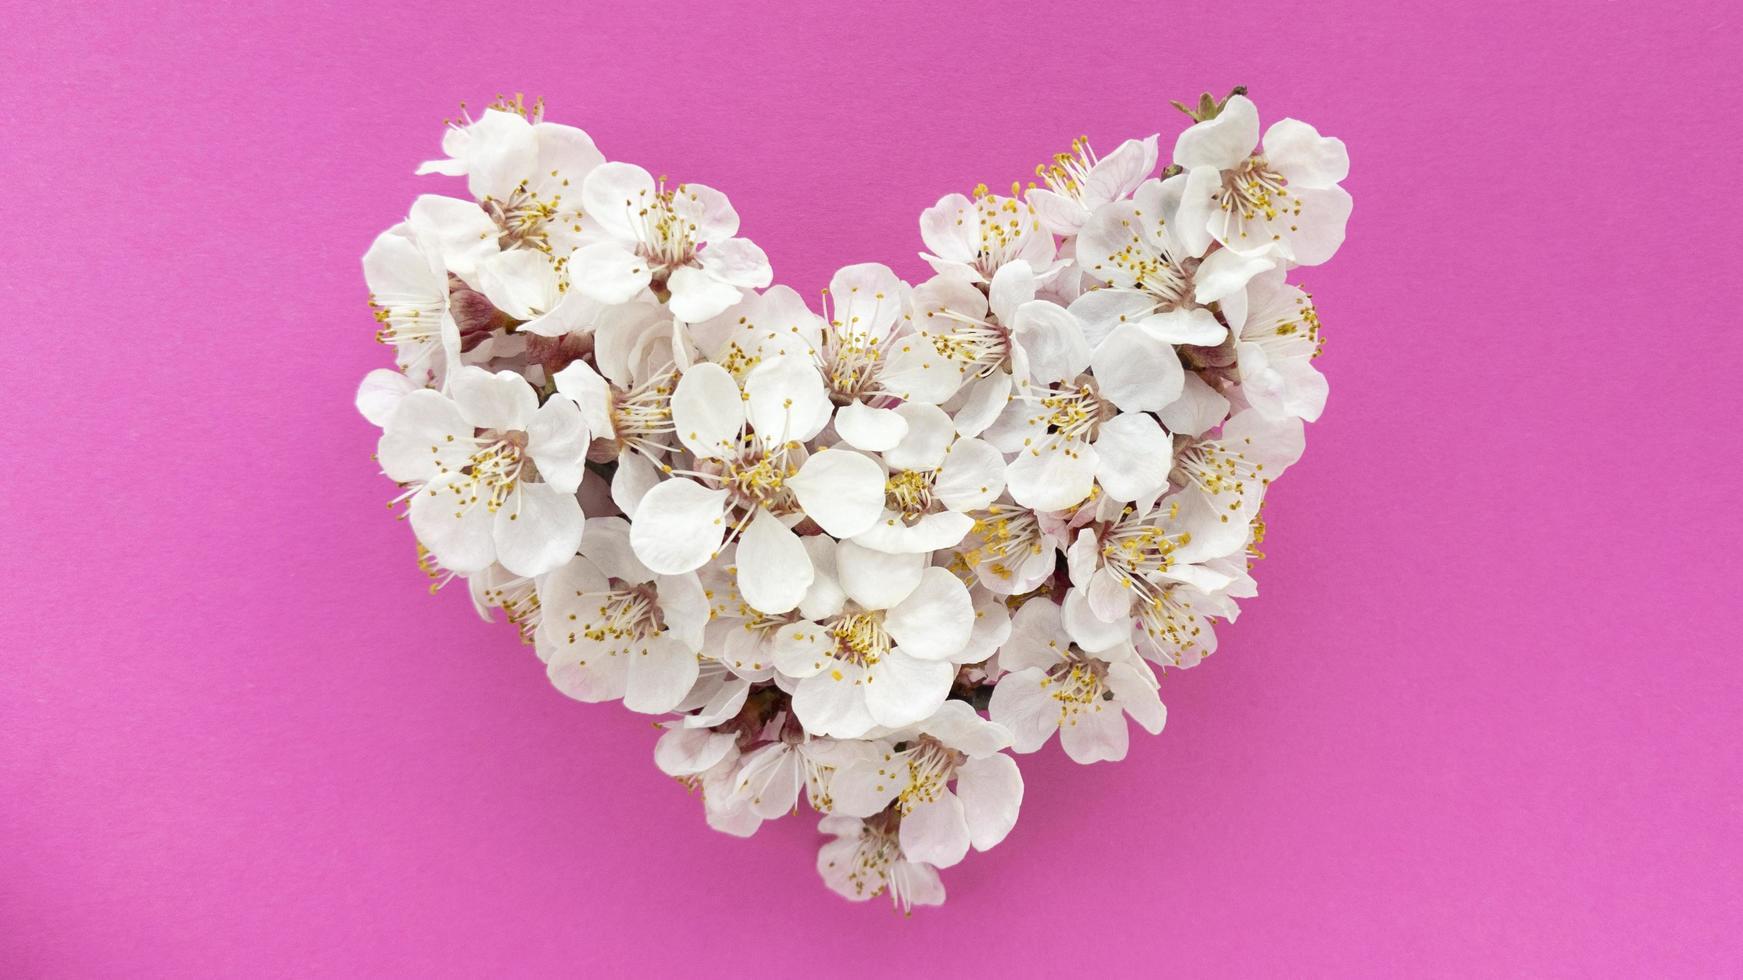 hjärtat av plommonträd blommor på pastell textur rosa bakgrund. kan användas som banner, vykort, bildutskrift, inbjudningsdesign. stock foto. foto